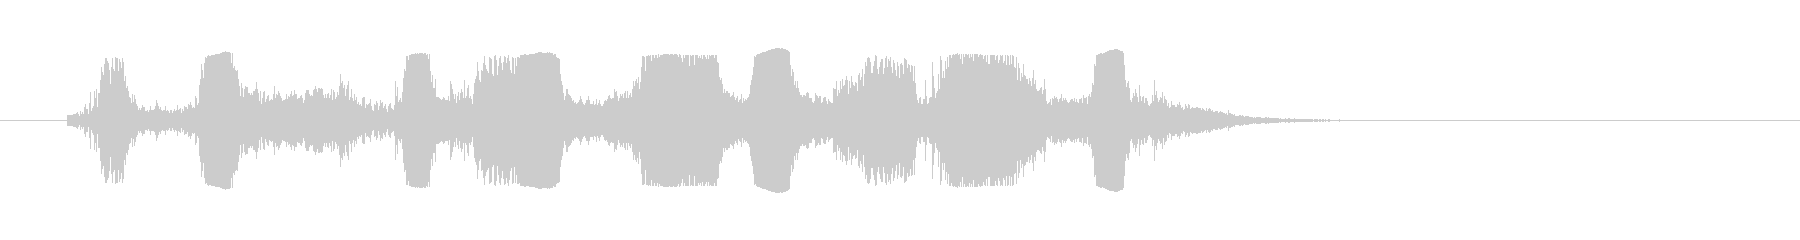 オートバイモトクロス; Revs ...の未再生の波形